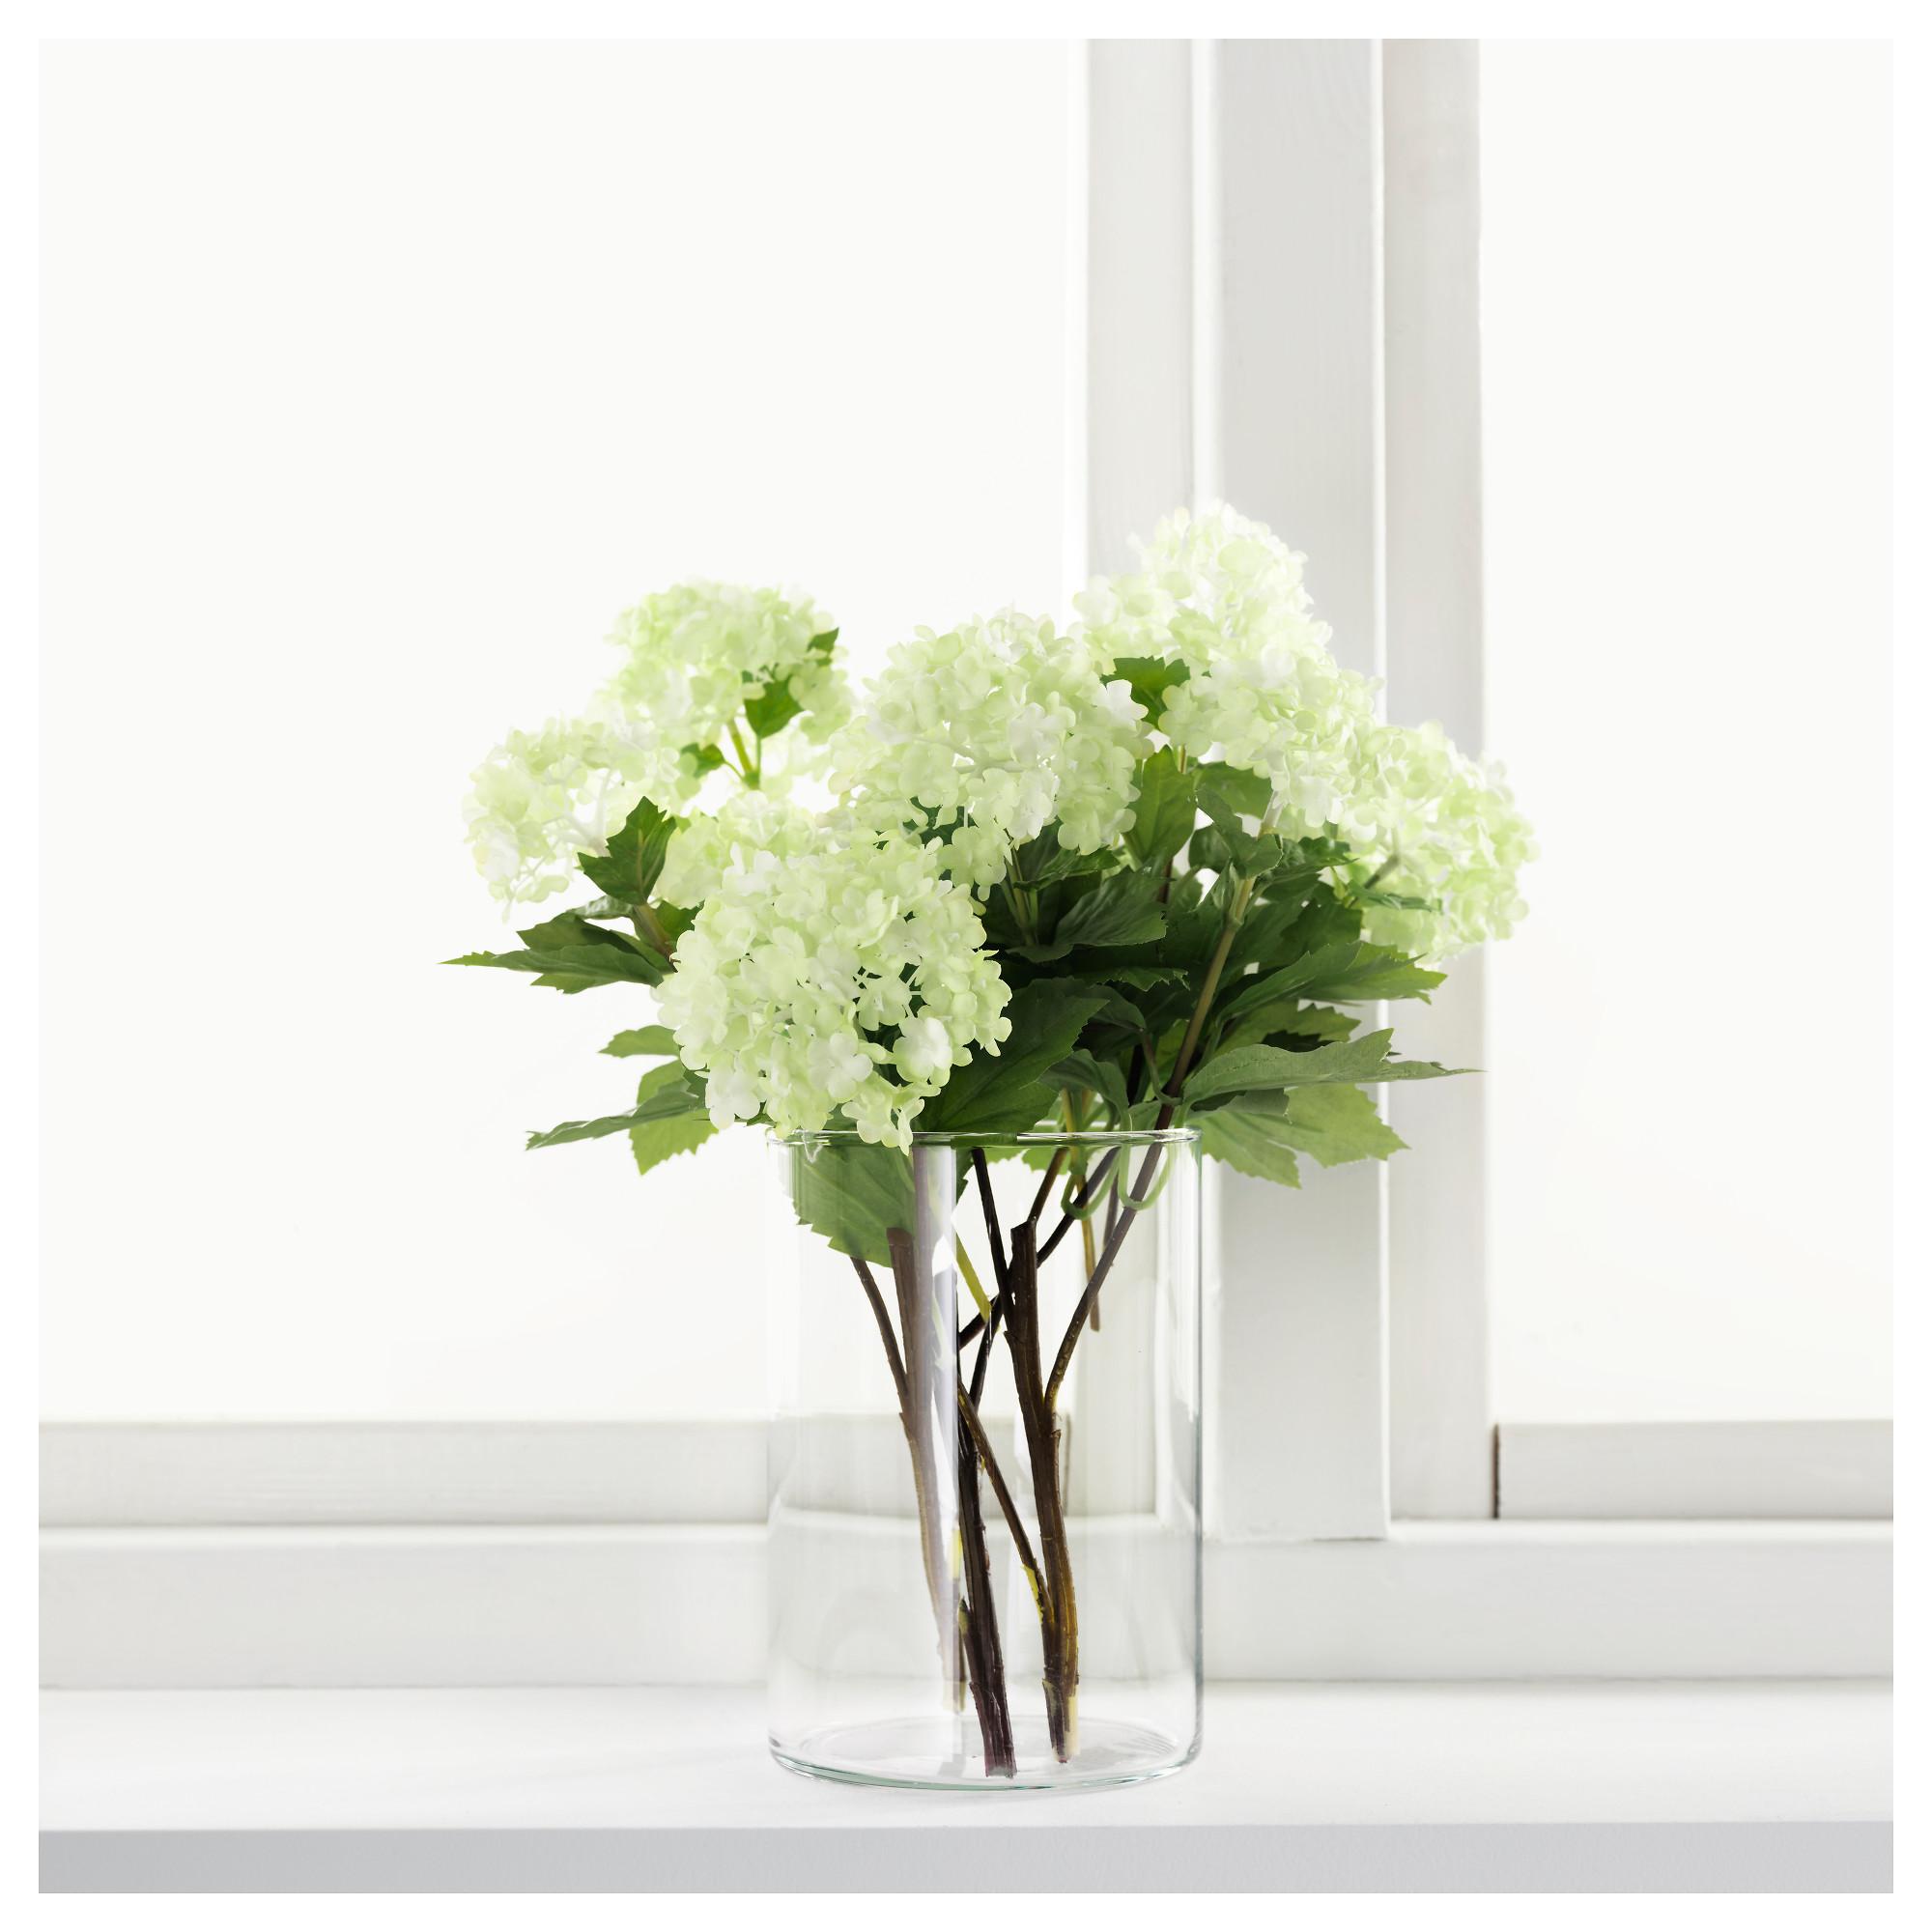 Искусственные цветы в интерьере икеа фото